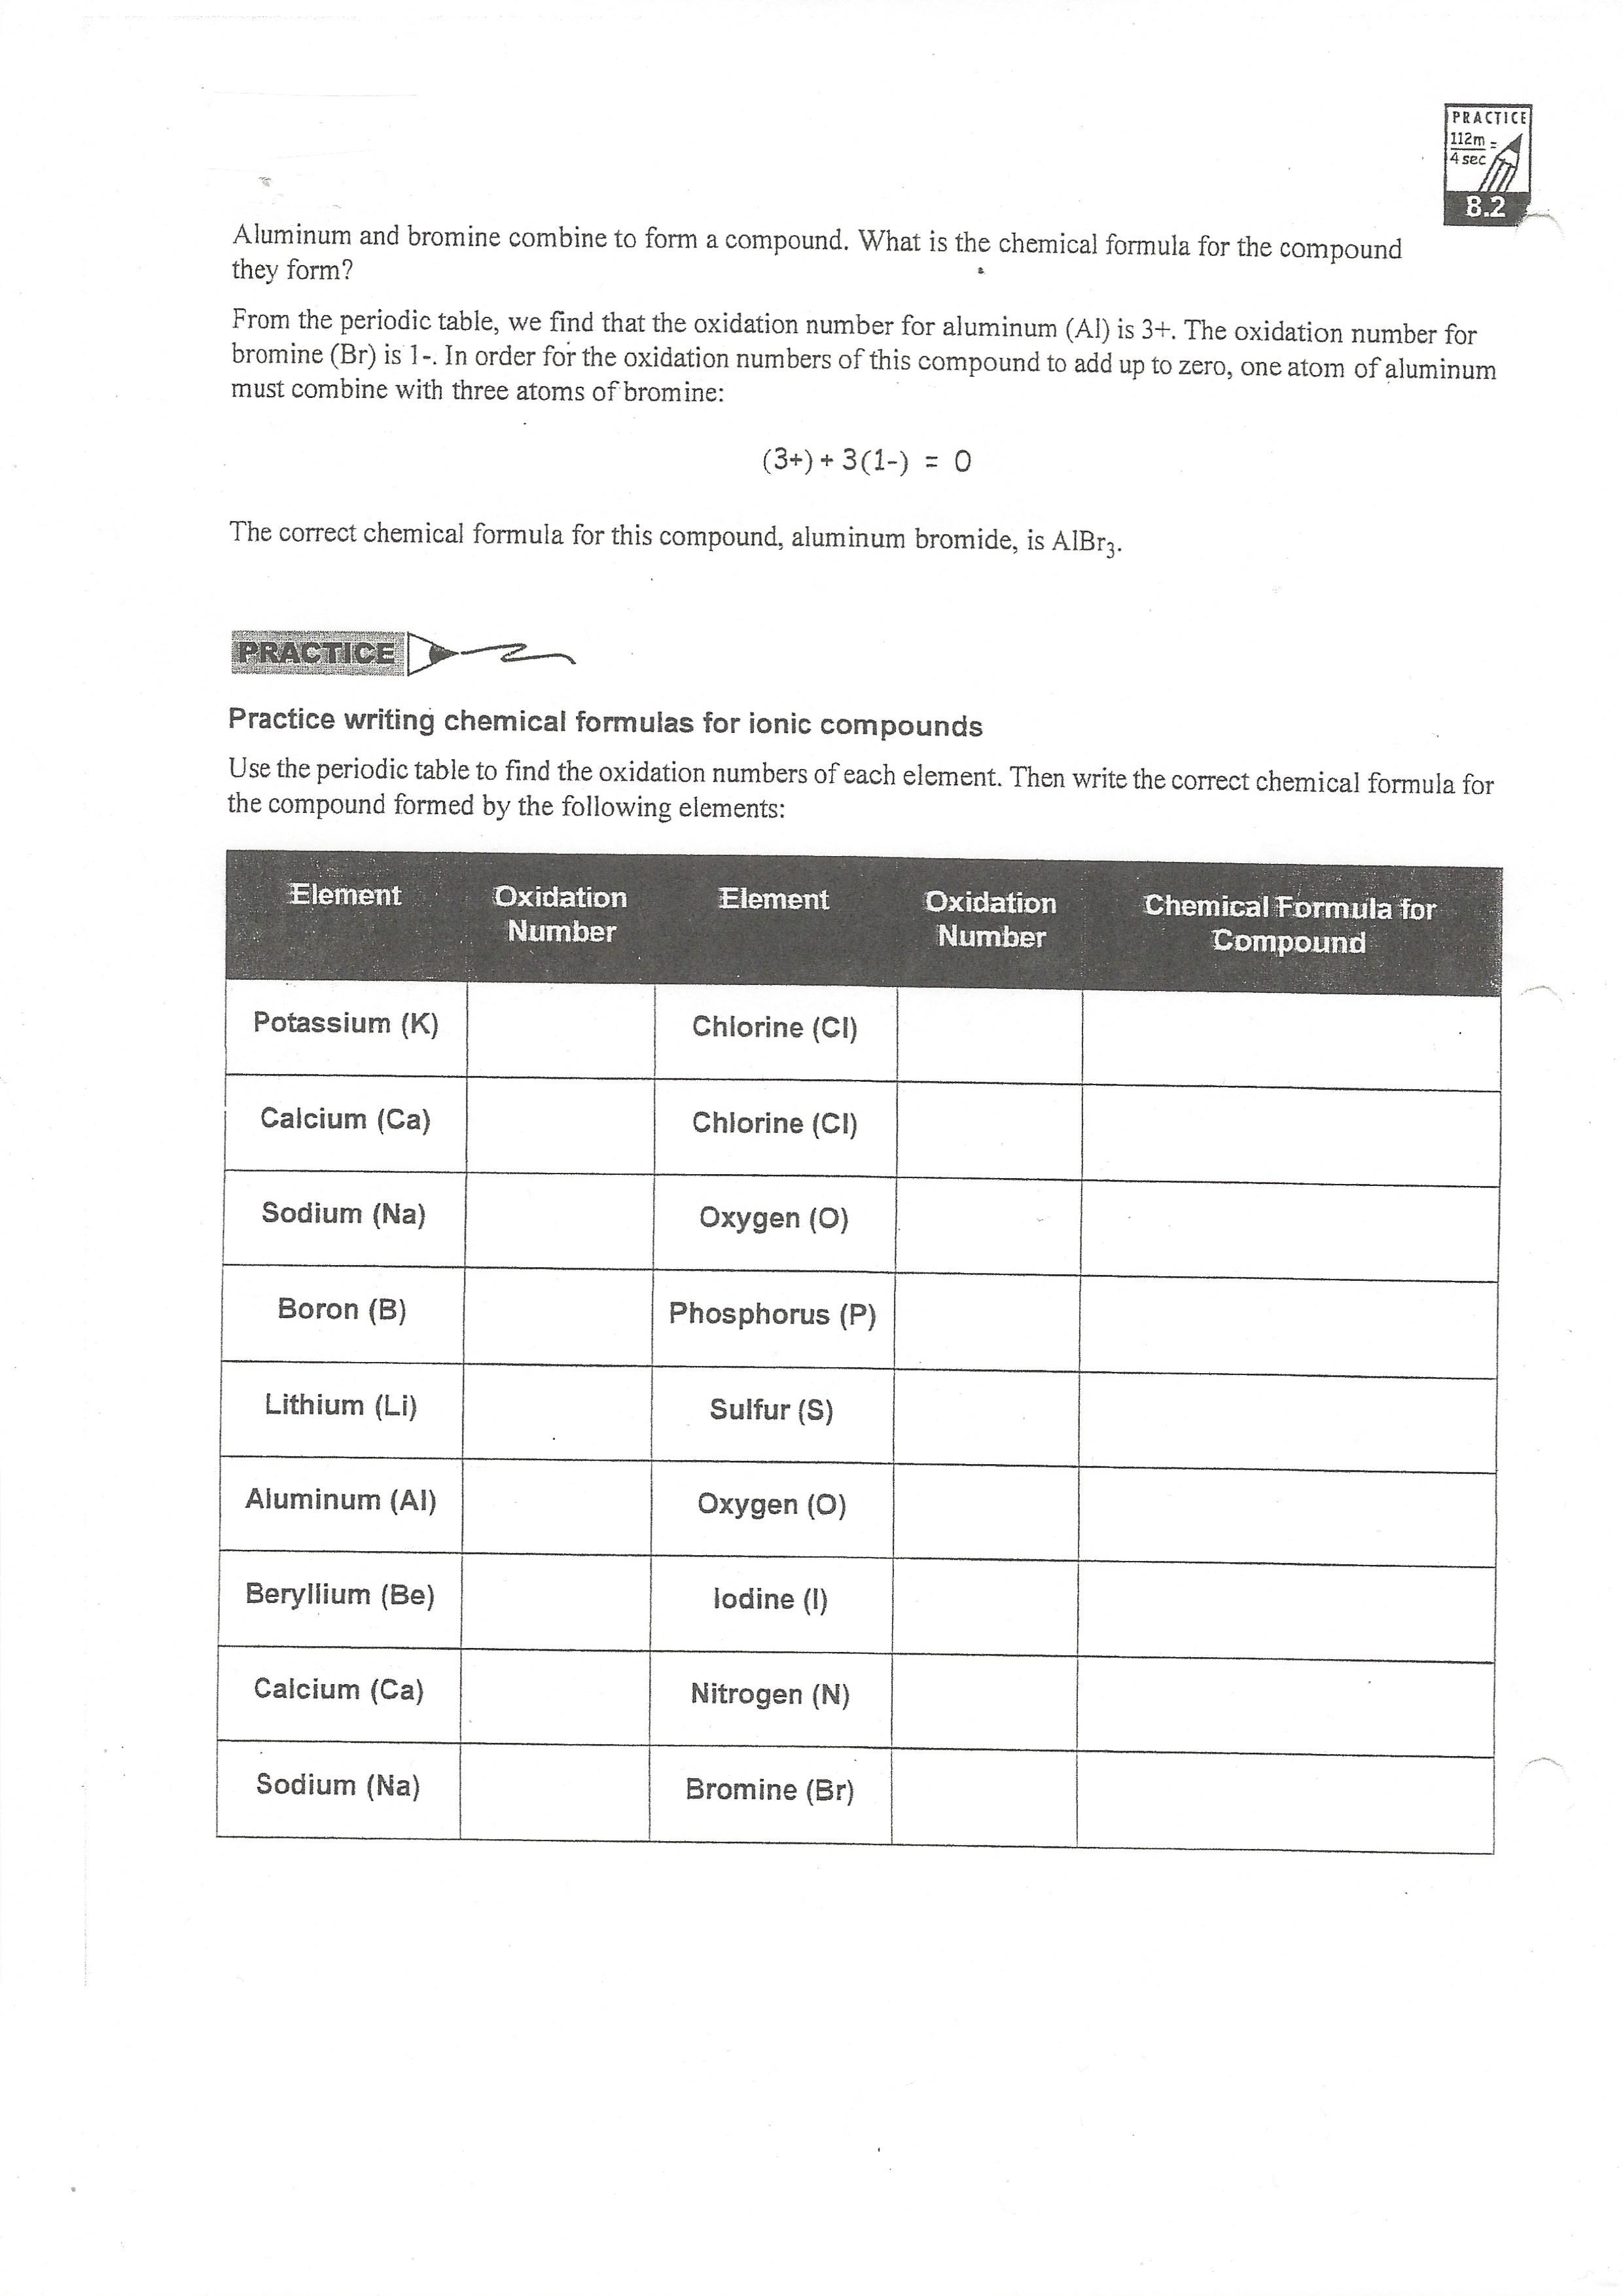 worksheet Completing The Square Worksheet Pdf alvarado intermediate school oxidation practice jpeg